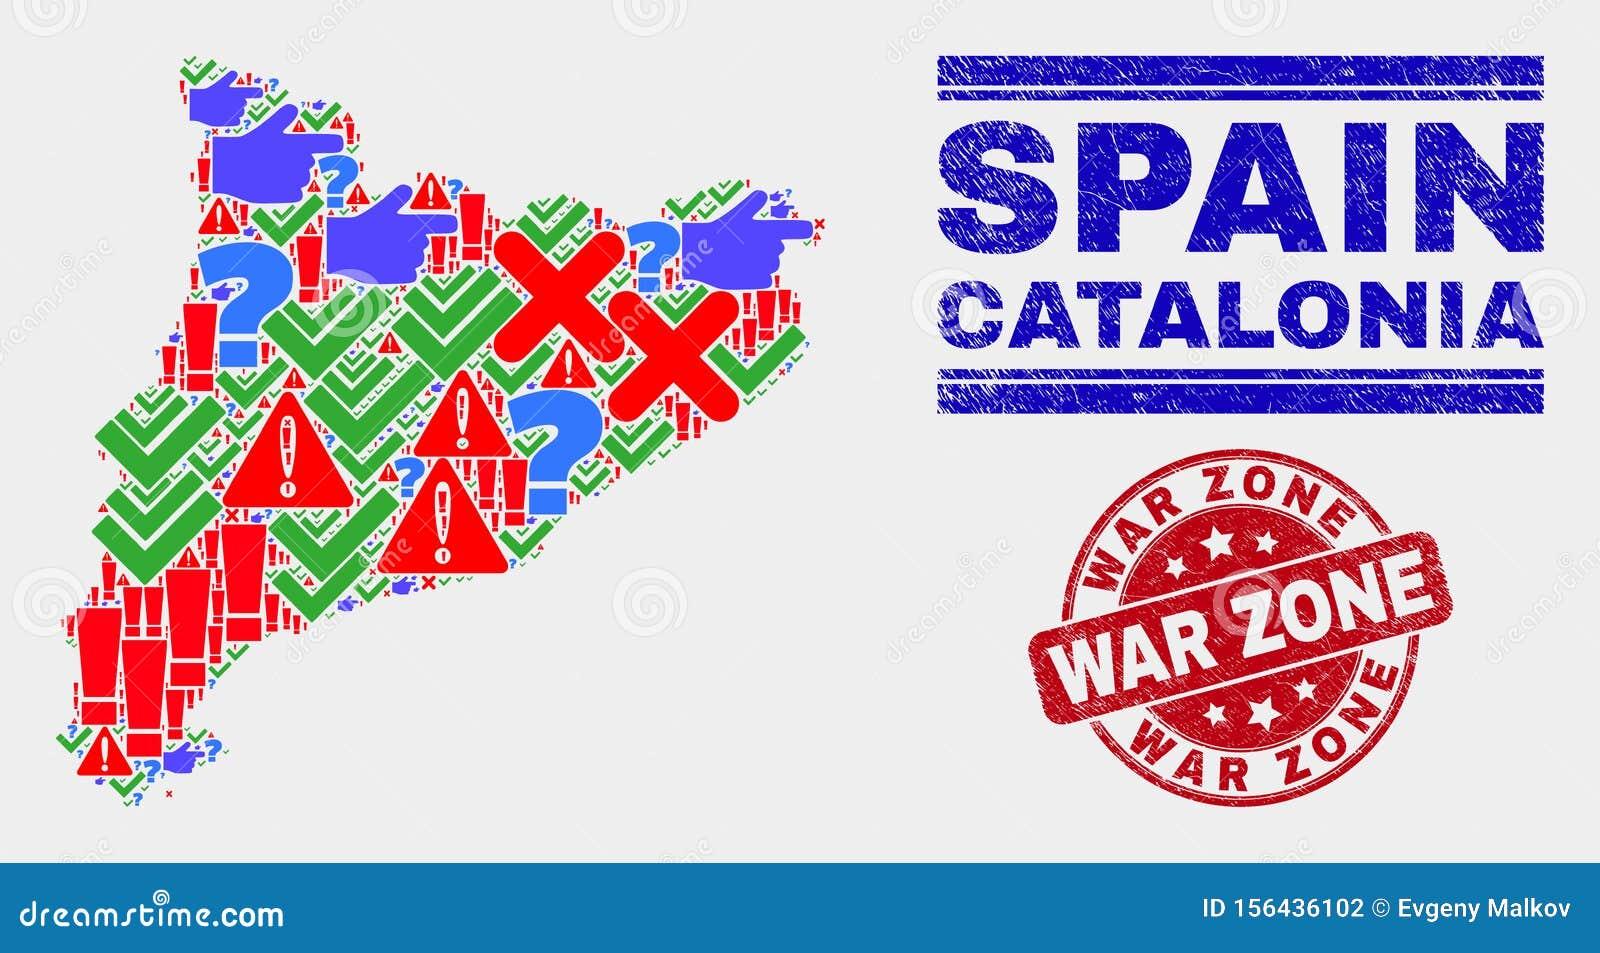 Cartina Catalogna.Cartina Della Catalogna Simbolo Del Mosaico E Timbro Della Zona Di Guerra Illustrazione Vettoriale Illustrazione Di Estratto Gomma 156436102